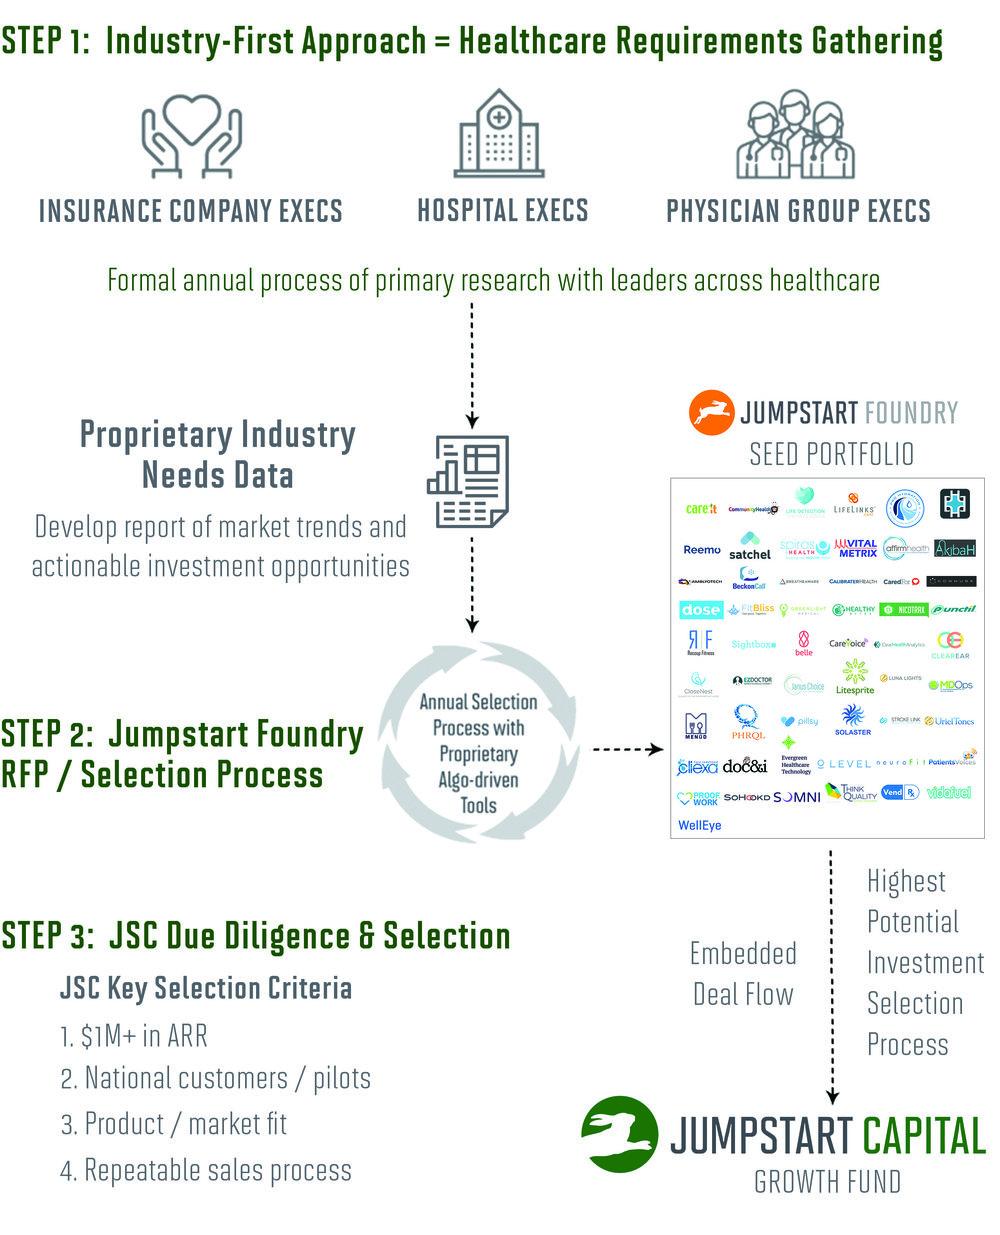 jsc platform infographic.jpg